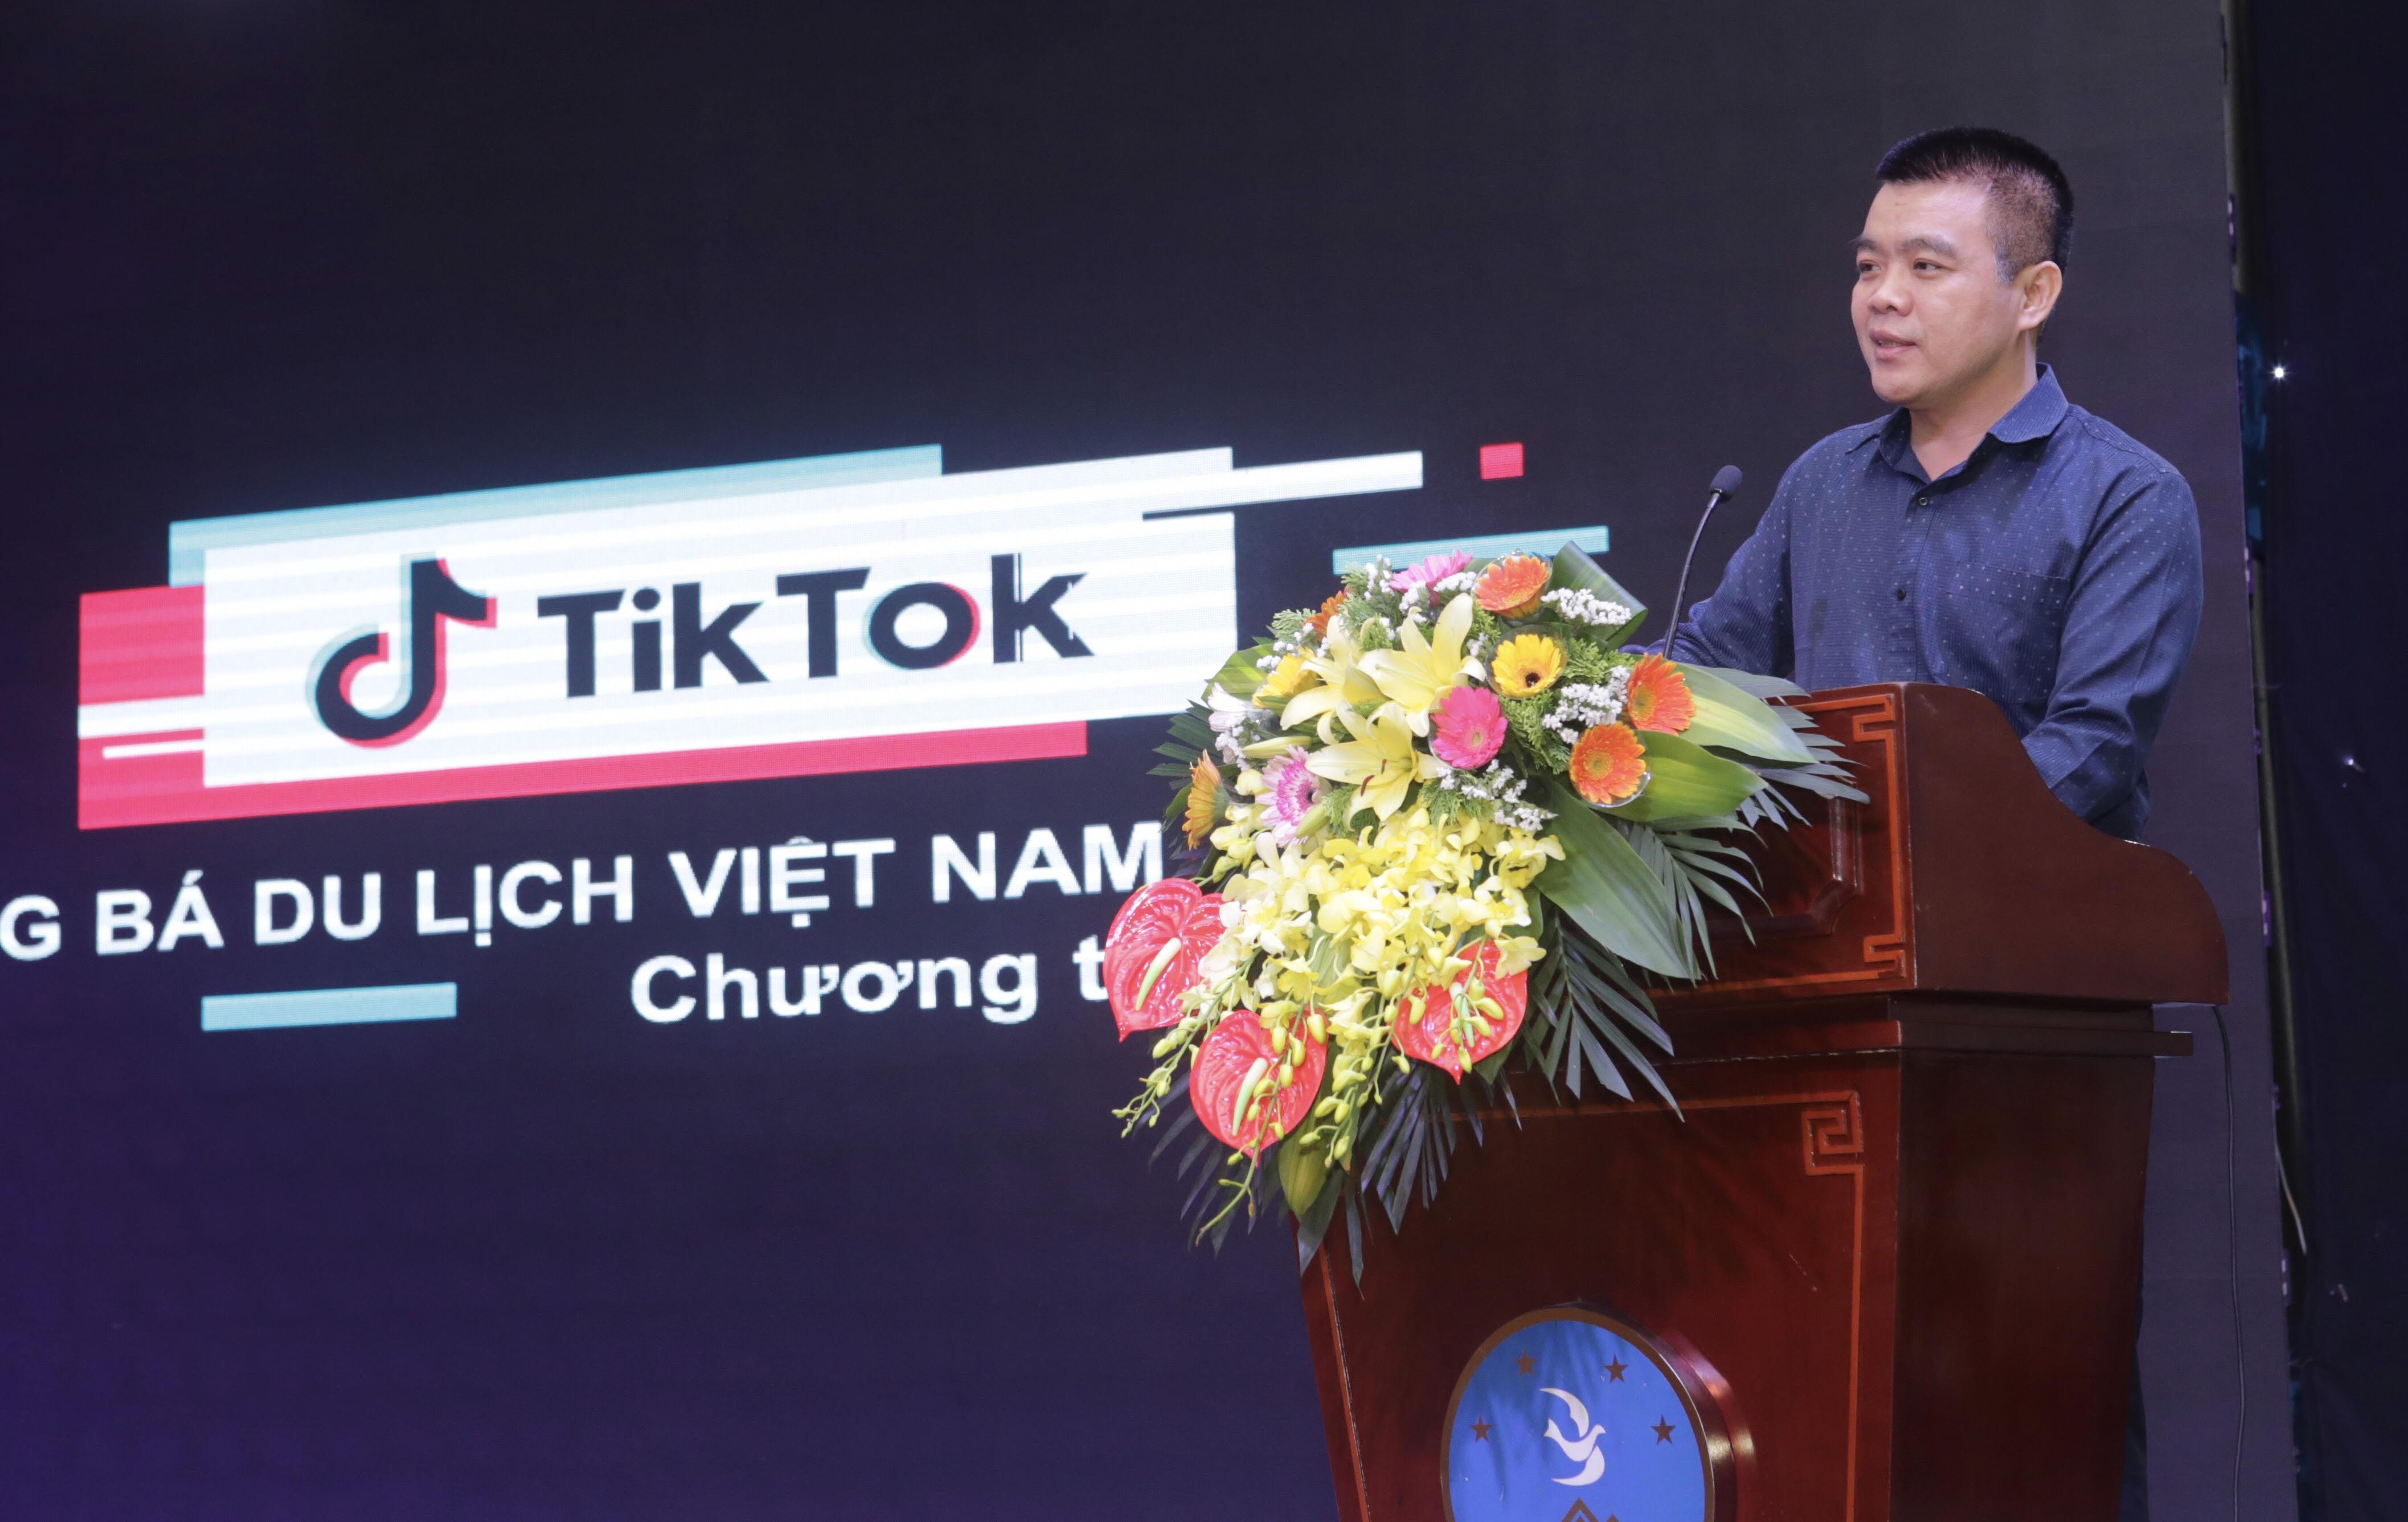 #HelloNinhBinh - Chiến dịch quảng bá du lịch Ninh Bình trên TikTok